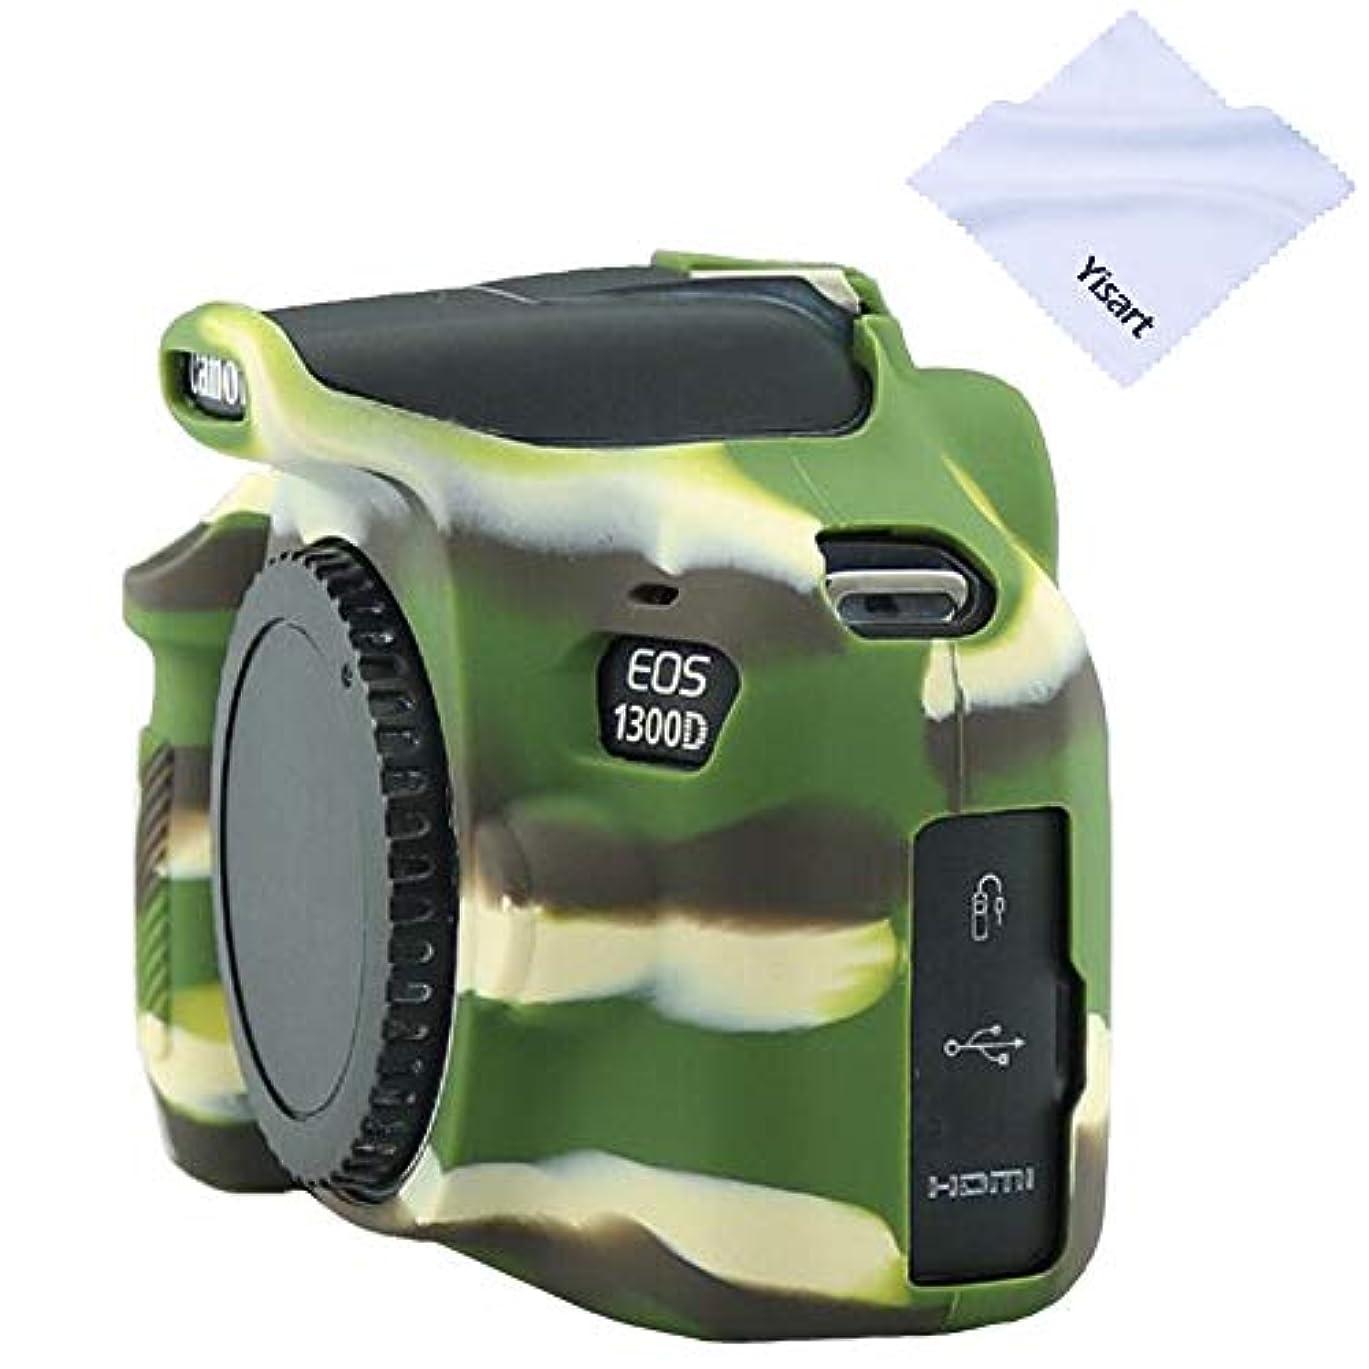 講義召喚するギャンブルYisau Canon EOS Rebel T6 カメラハウジングケース プロフェッショナル シリコンゴム カメラケースカバー 取り外し可能 保護用 Canon EOS 1300D Rebel T6 デジタルカメラ用 マイクロファイバークロス付き アーミーグリーン